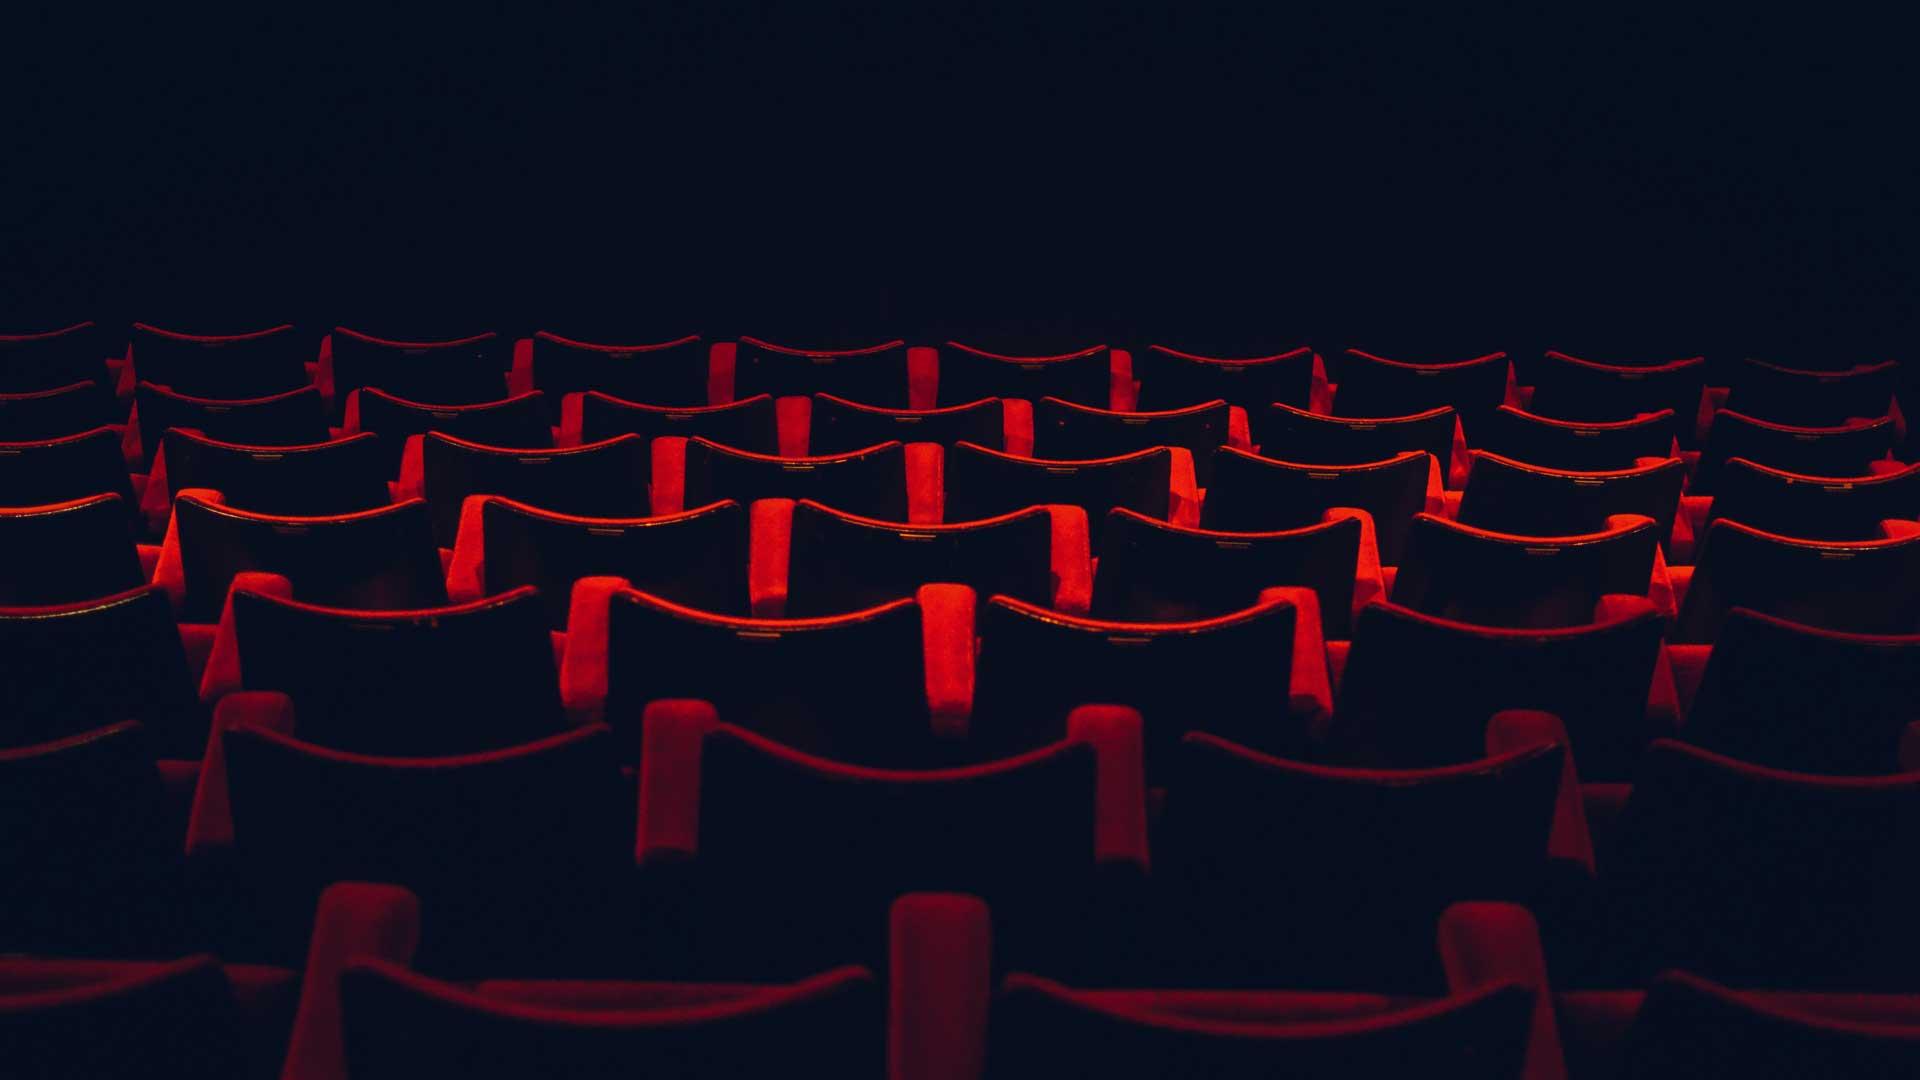 Cinema gratuito é criado por garoto de 8 anos, no Acre